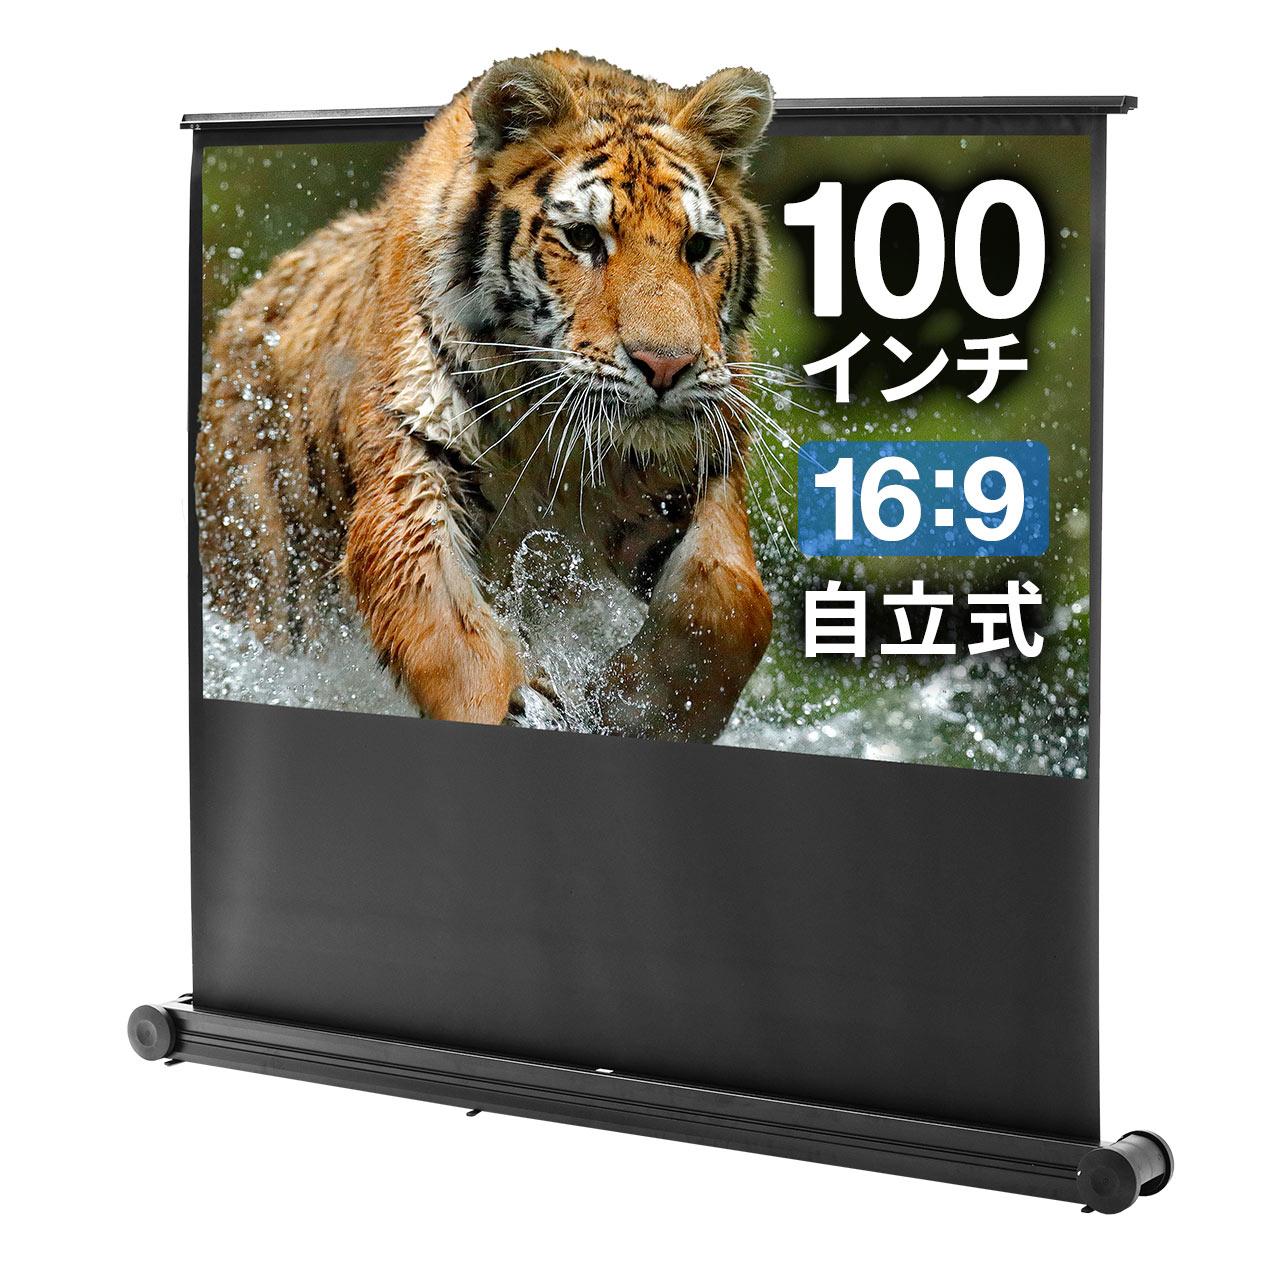 プロジェクタースクリーン 100インチ 16:9 持ち運び可能 床置き 簡単設置 自立 パンタグラフ式 ブラック プロジェクタスクリーン ホームシアター プレゼン 会議 学校 移動ローラー付